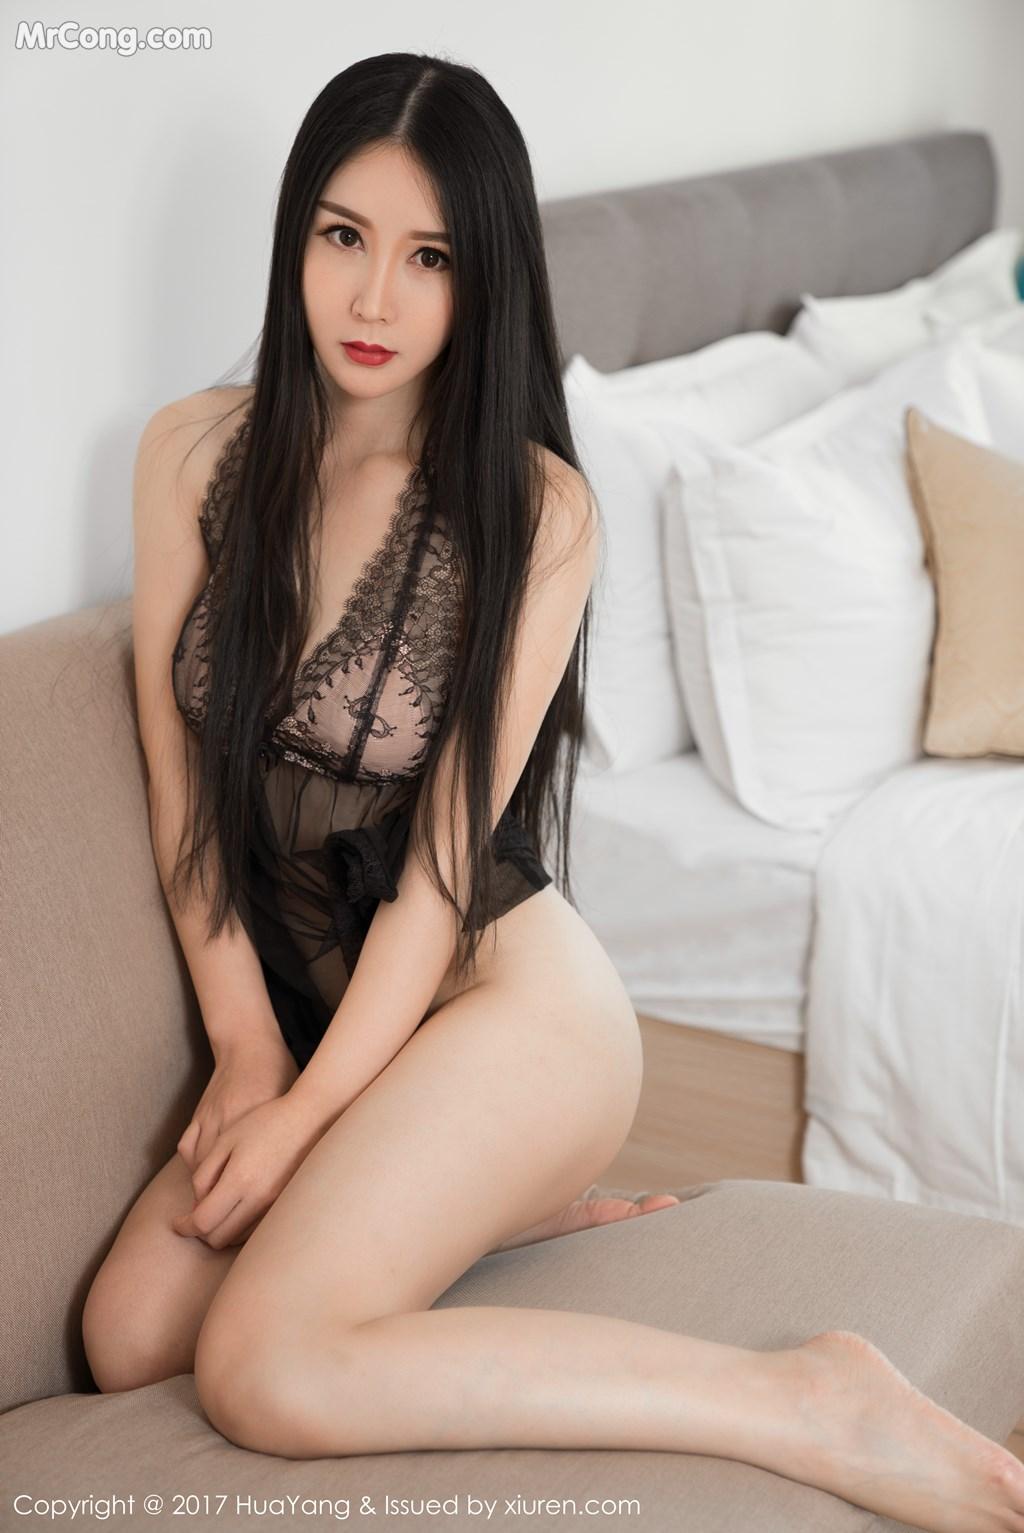 Image HuaYang-2017-12-05-Vol.017-Gu-Xinyi-MrCong.com-004 in post HuaYang 2017-12-05 Vol.017: Người mẫu Gu Xinyi (顾欣怡) (44 ảnh)